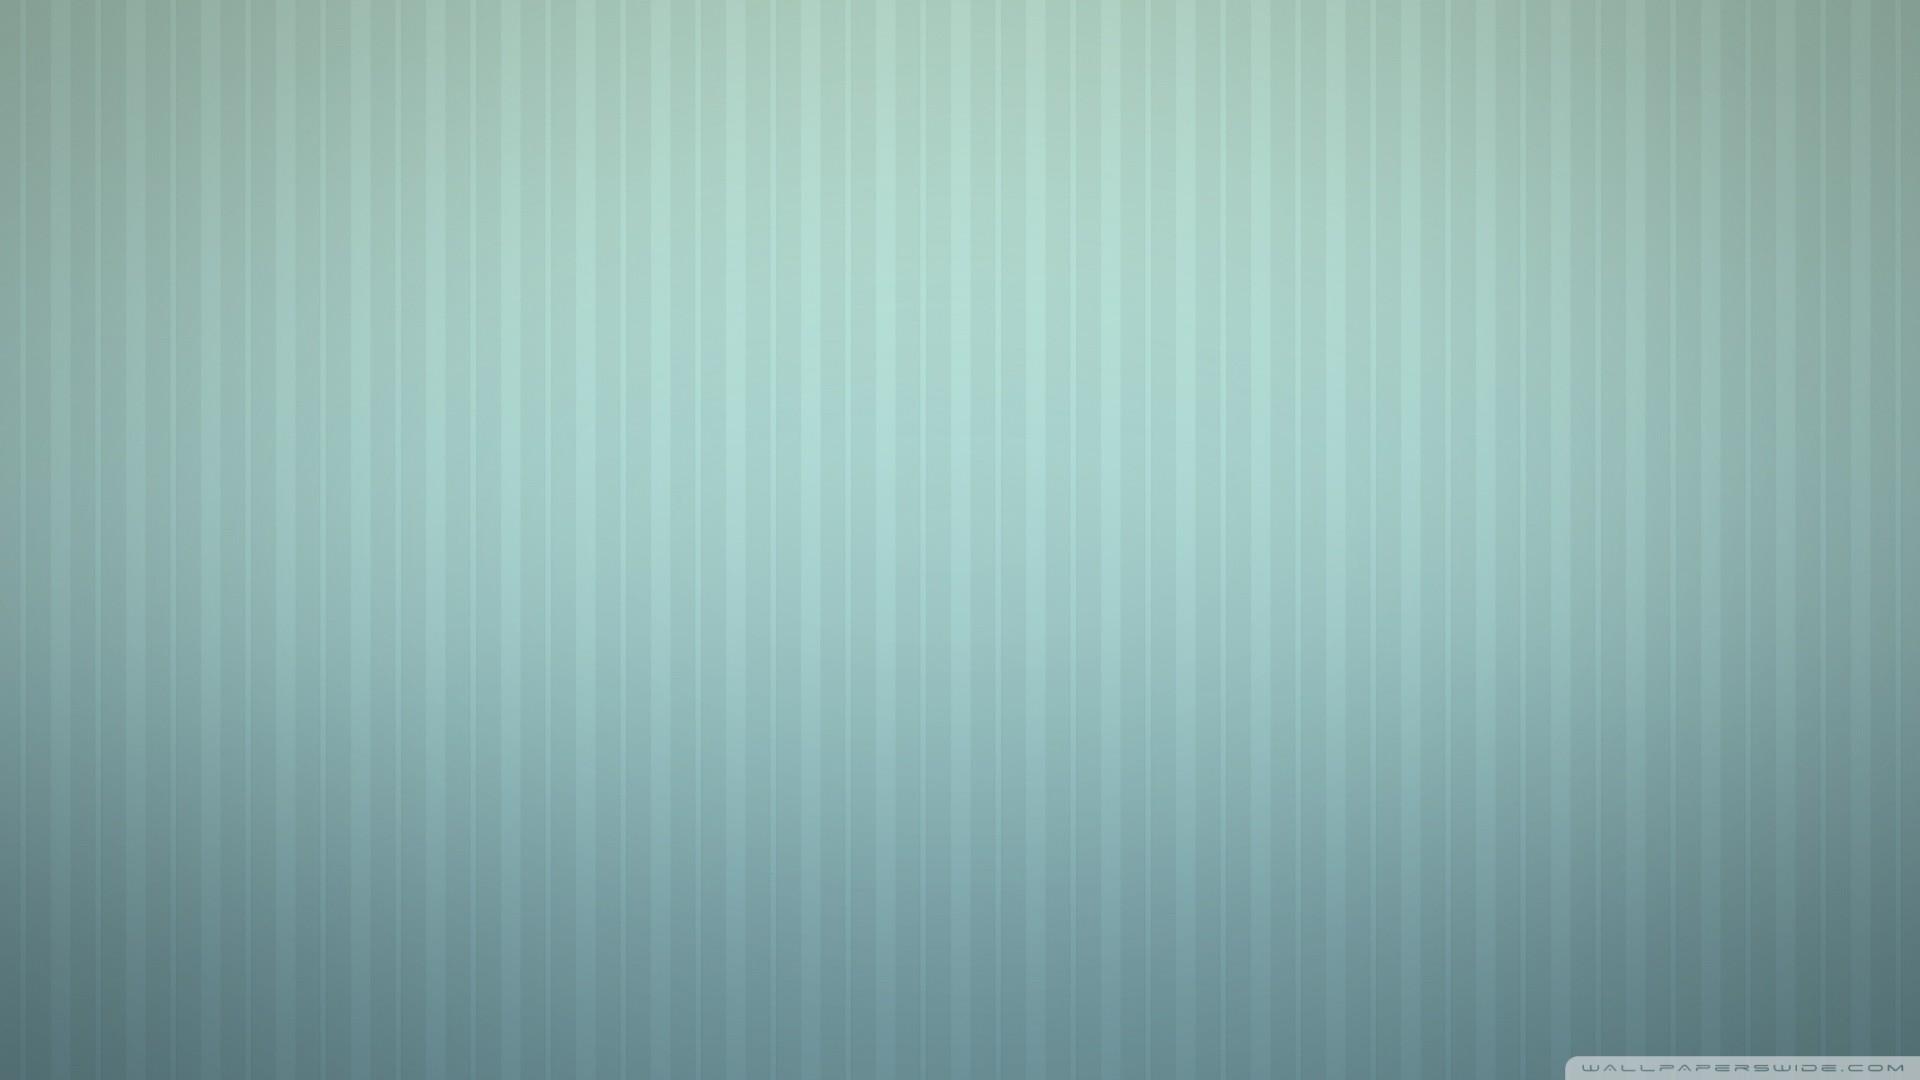 Light Blue Stripes HD desktop wallpaper : High Definition … Light Blue  Stripes HD Desktop Wallpaper High Definition